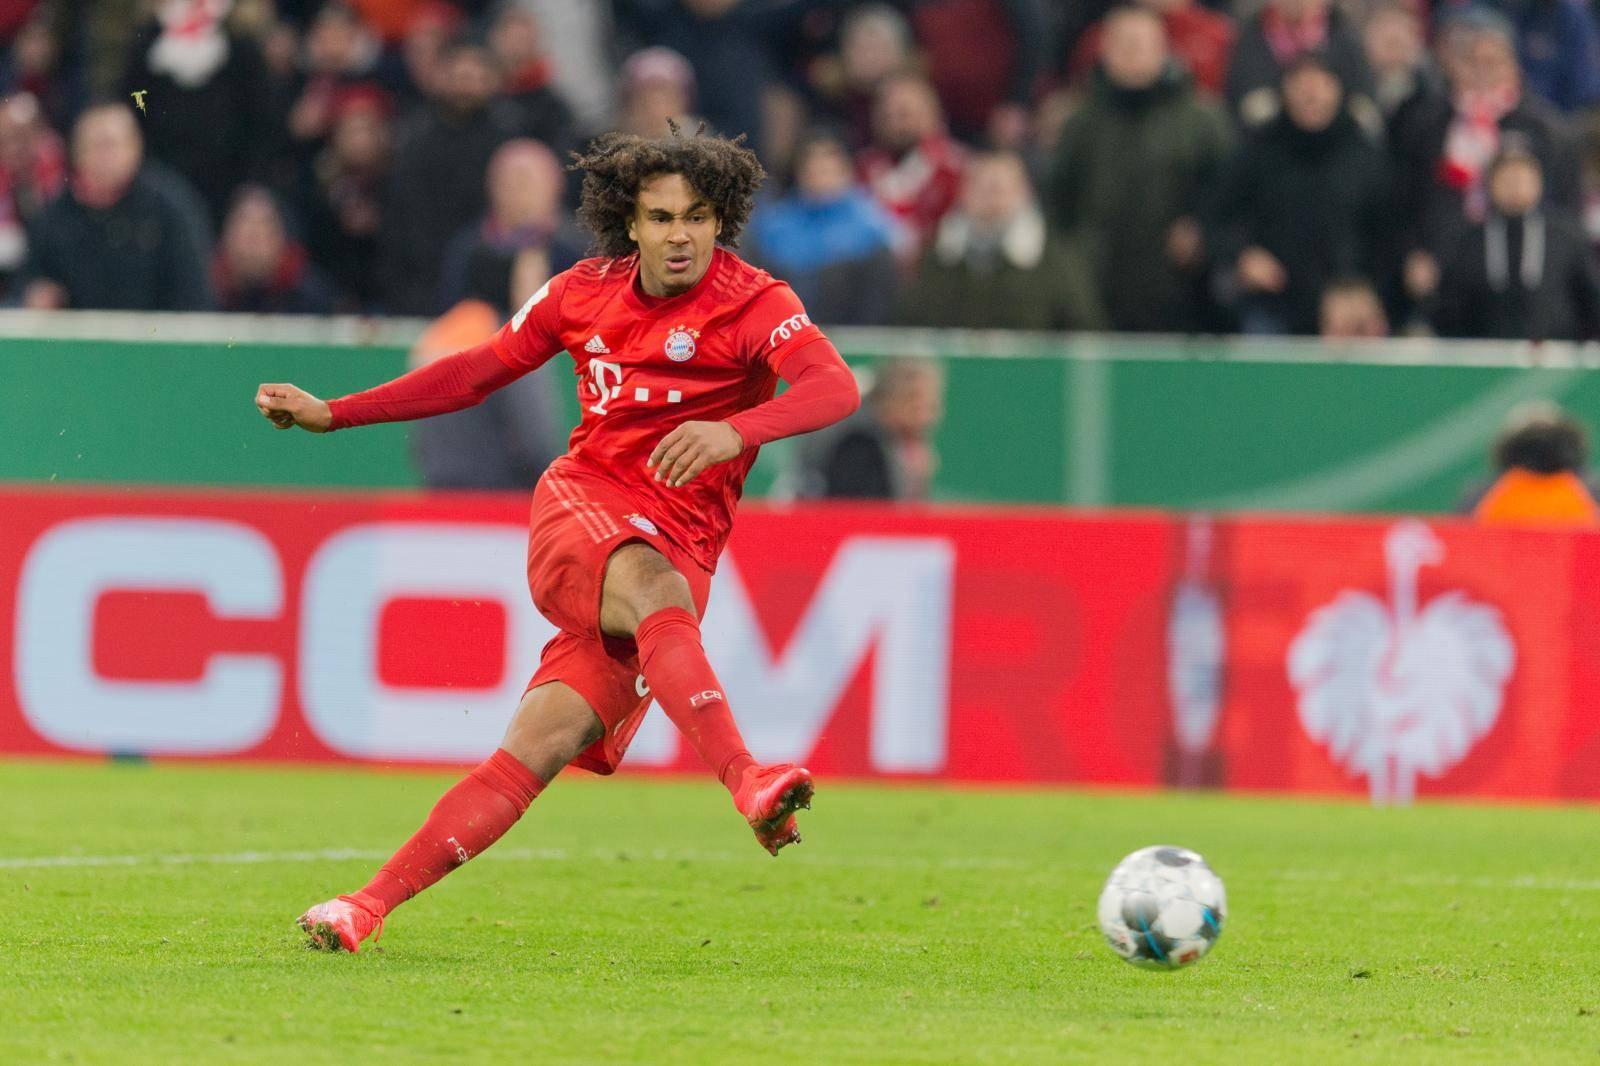 GES / Football / FC Bayern Munich - TSG Hoffenheim, 05.02.2020